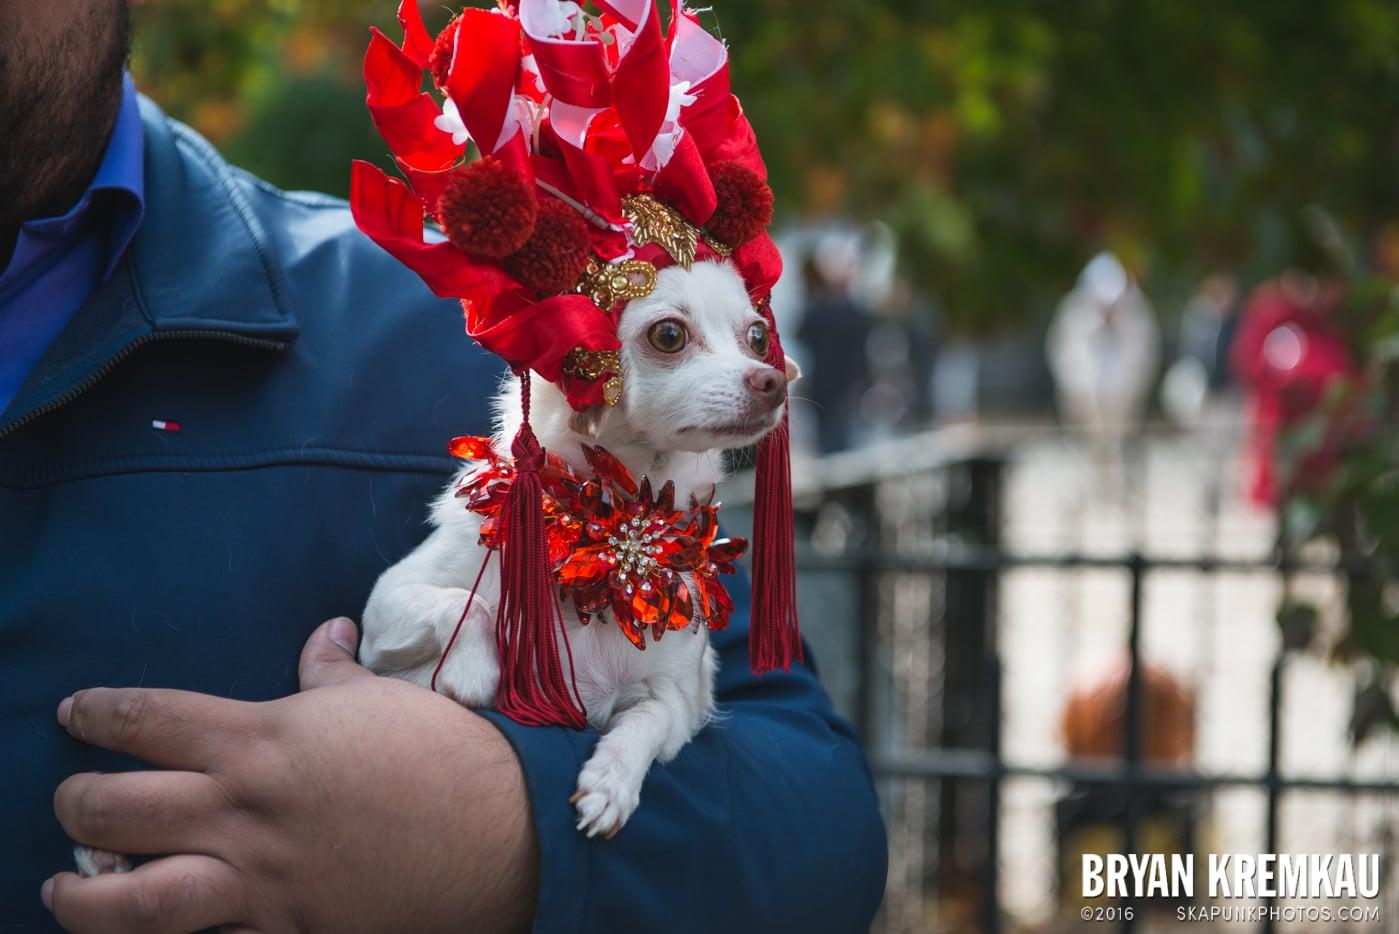 Tompkins Square Halloween Dog Parade 2015 @ Tompkins Square Park, NYC – 10.24.15 (73)